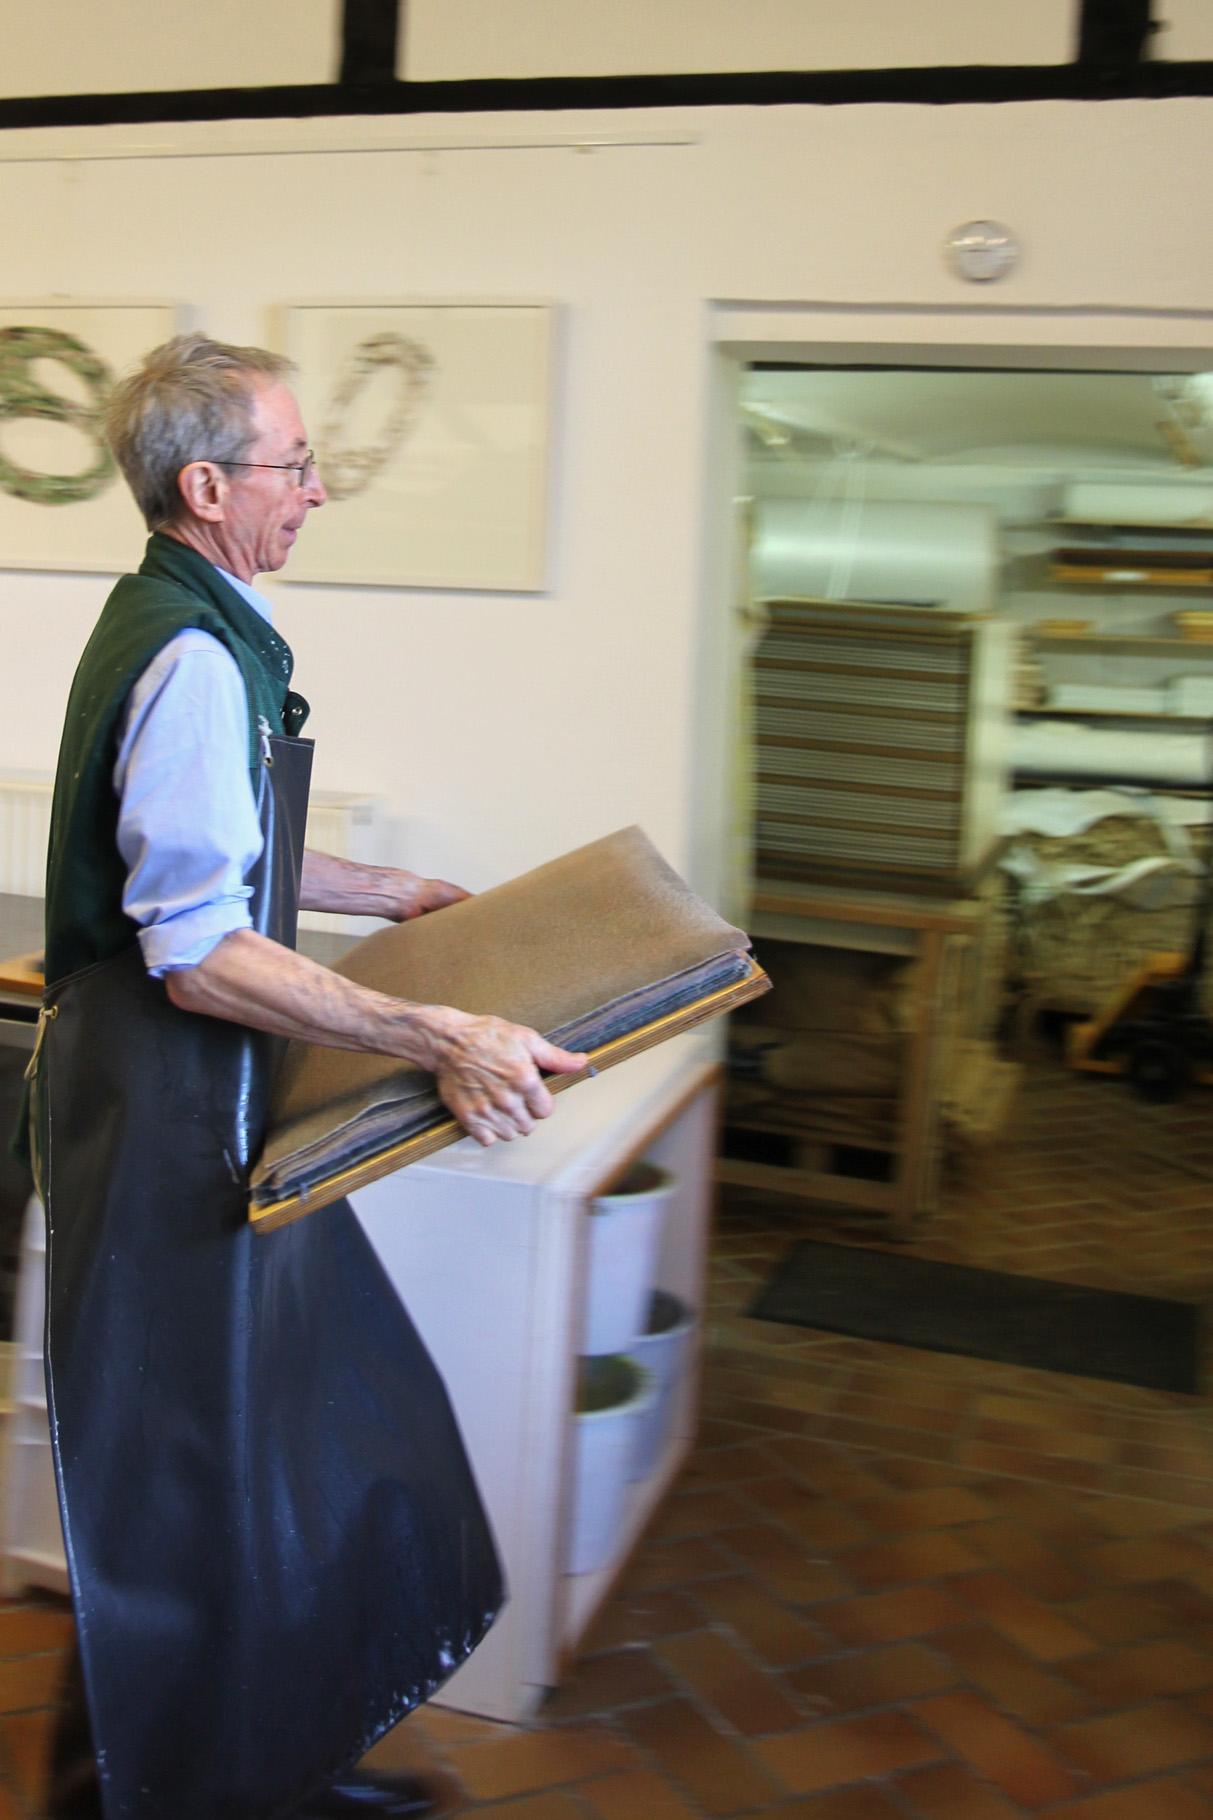 Nachdem ein Stapel aus geschöpften Bogen und Filzen entstanden ist, trägt John Gerard diesen Pauscht zur Presse...